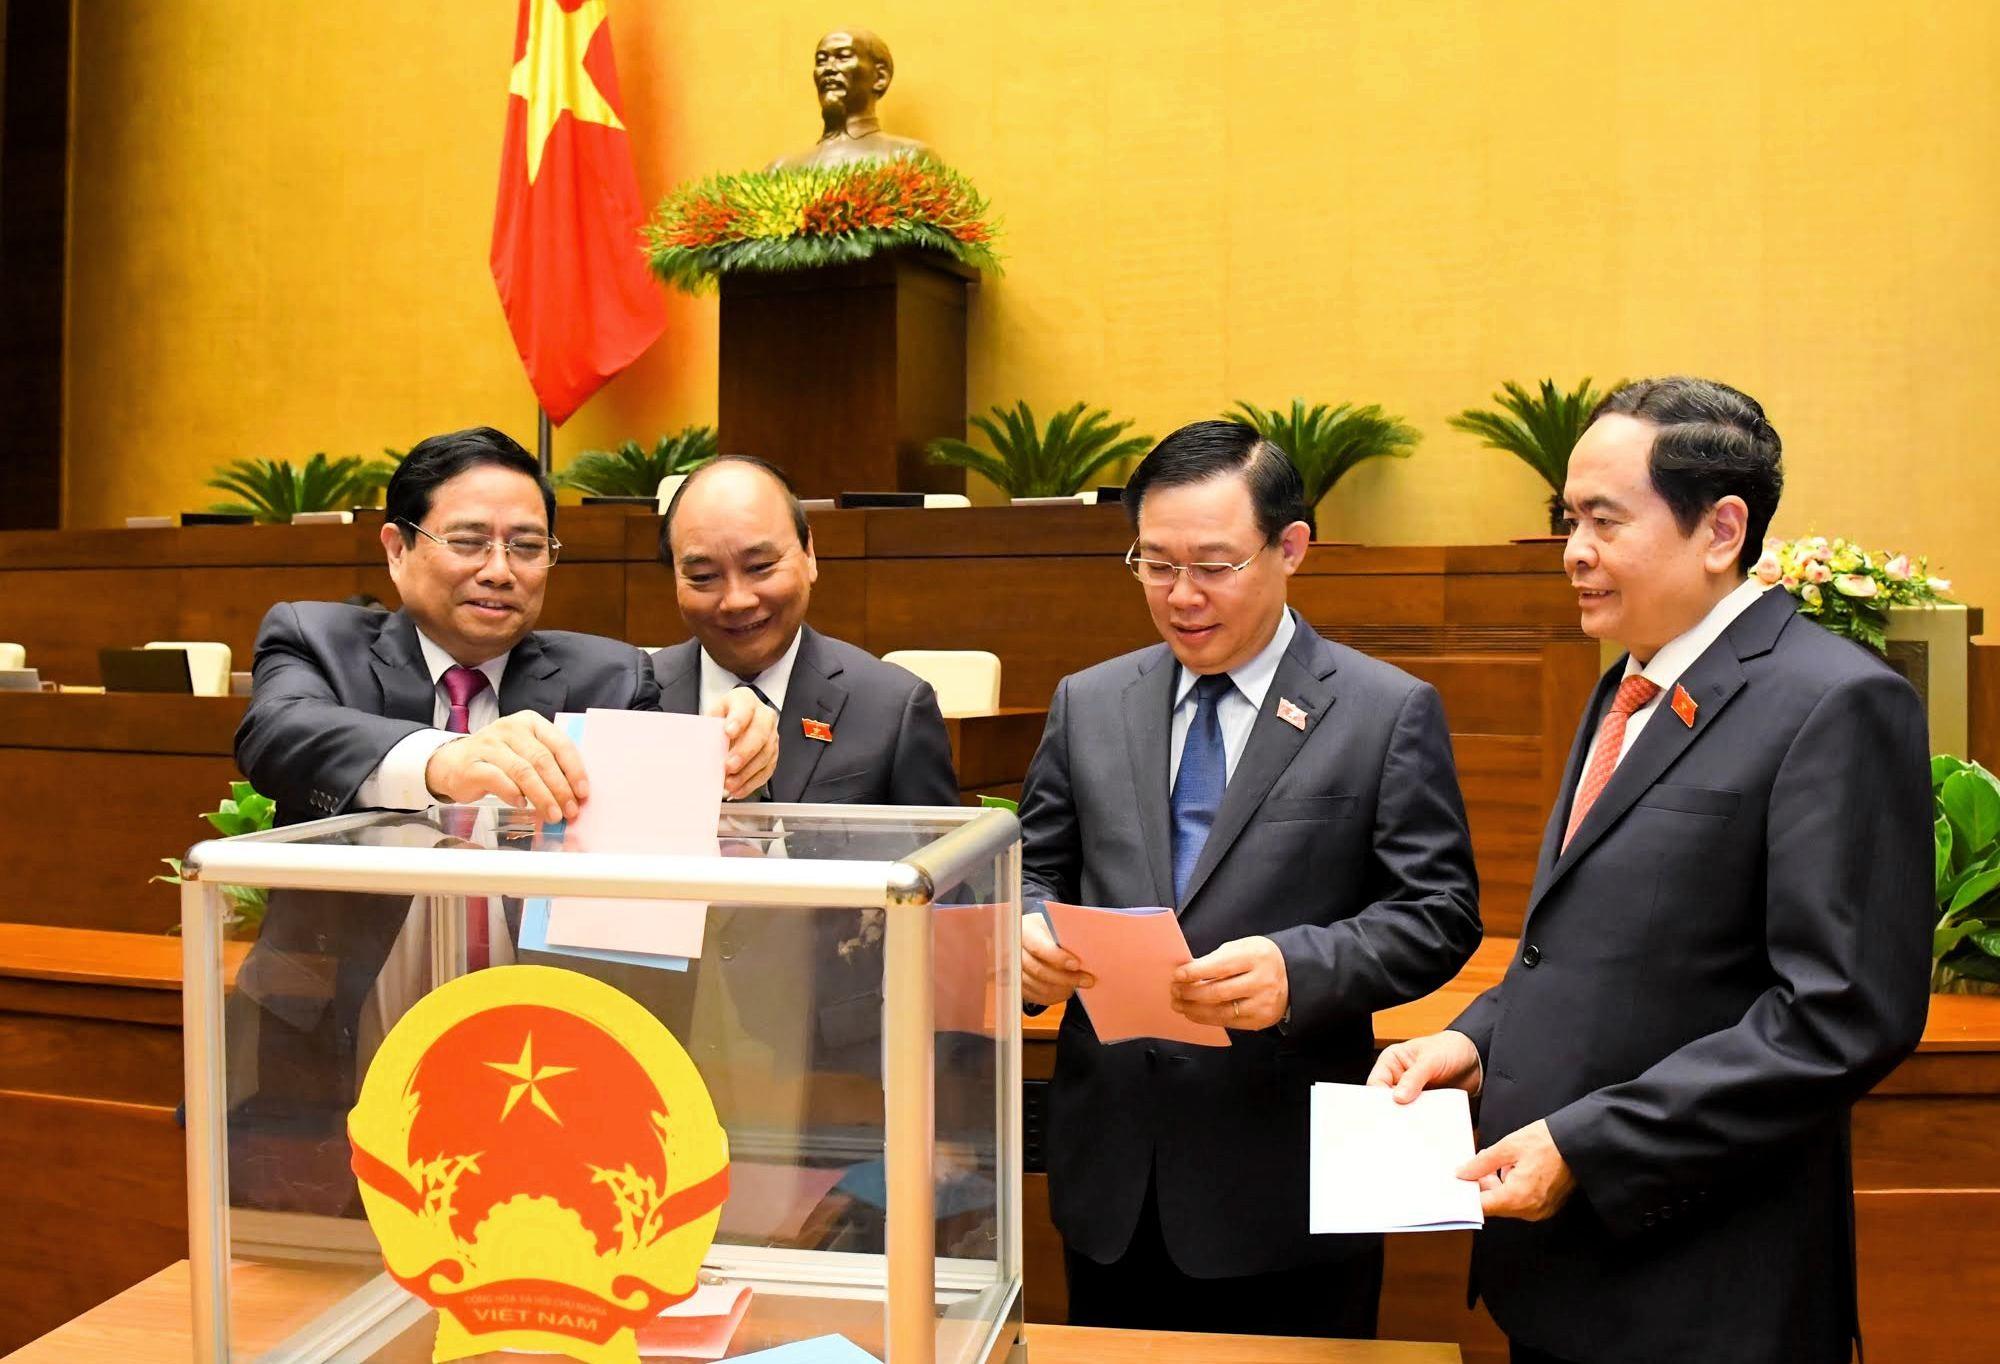 Các đại biểu Quốc hội bỏ phiếu phê chuẩn đề nghị việc bổ nhiệm một số Phó Thủ tướng Chính phủ, một số Bộ trưởng và thành viên khác của Chính phủ.